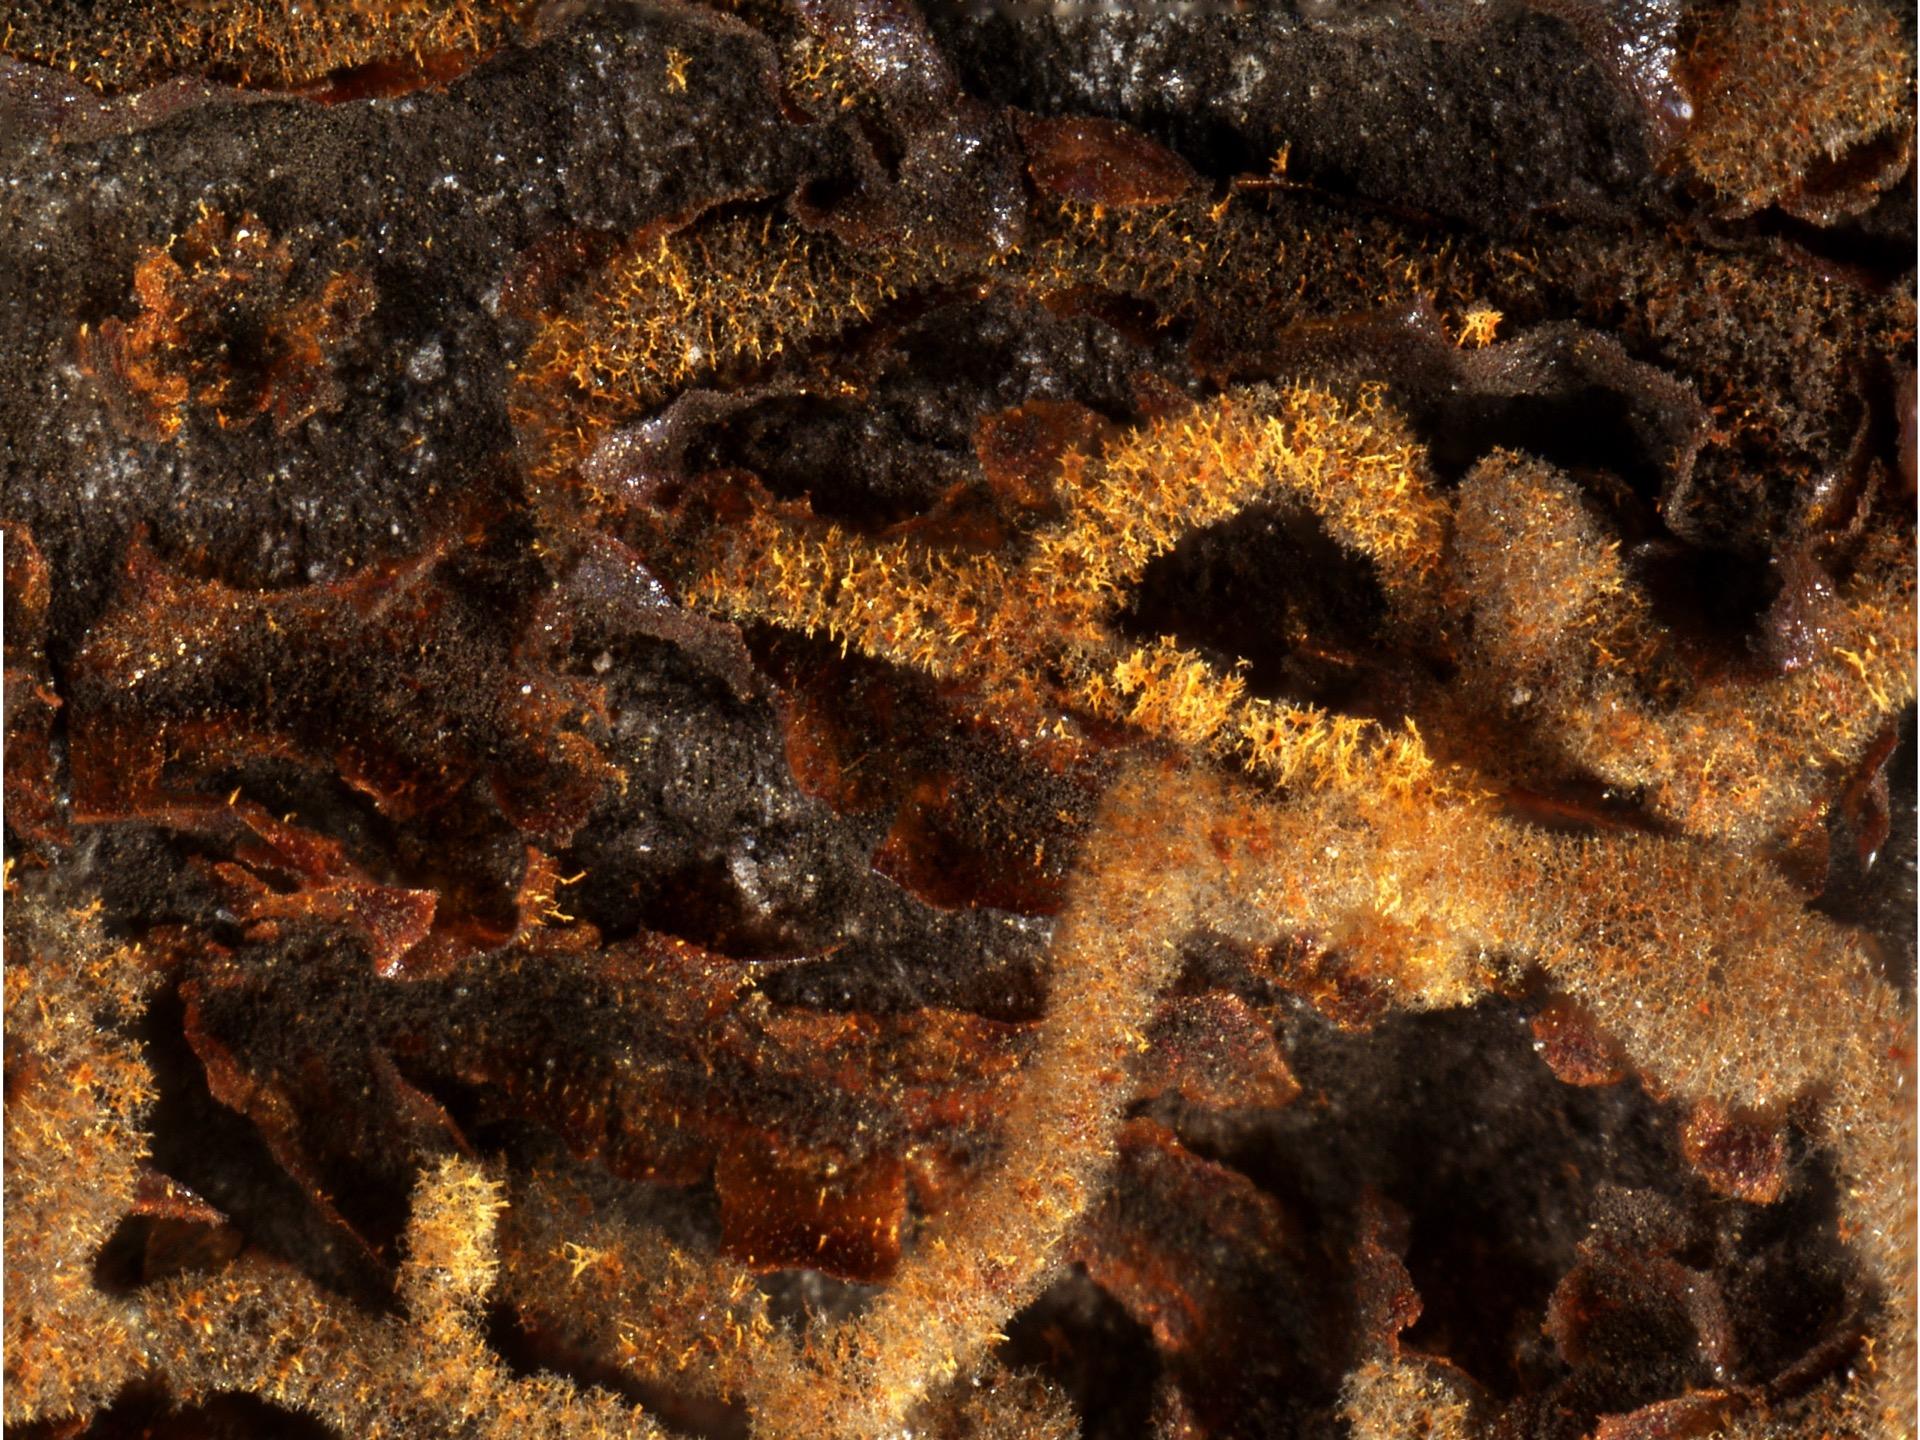 Willkommlangea reticulata